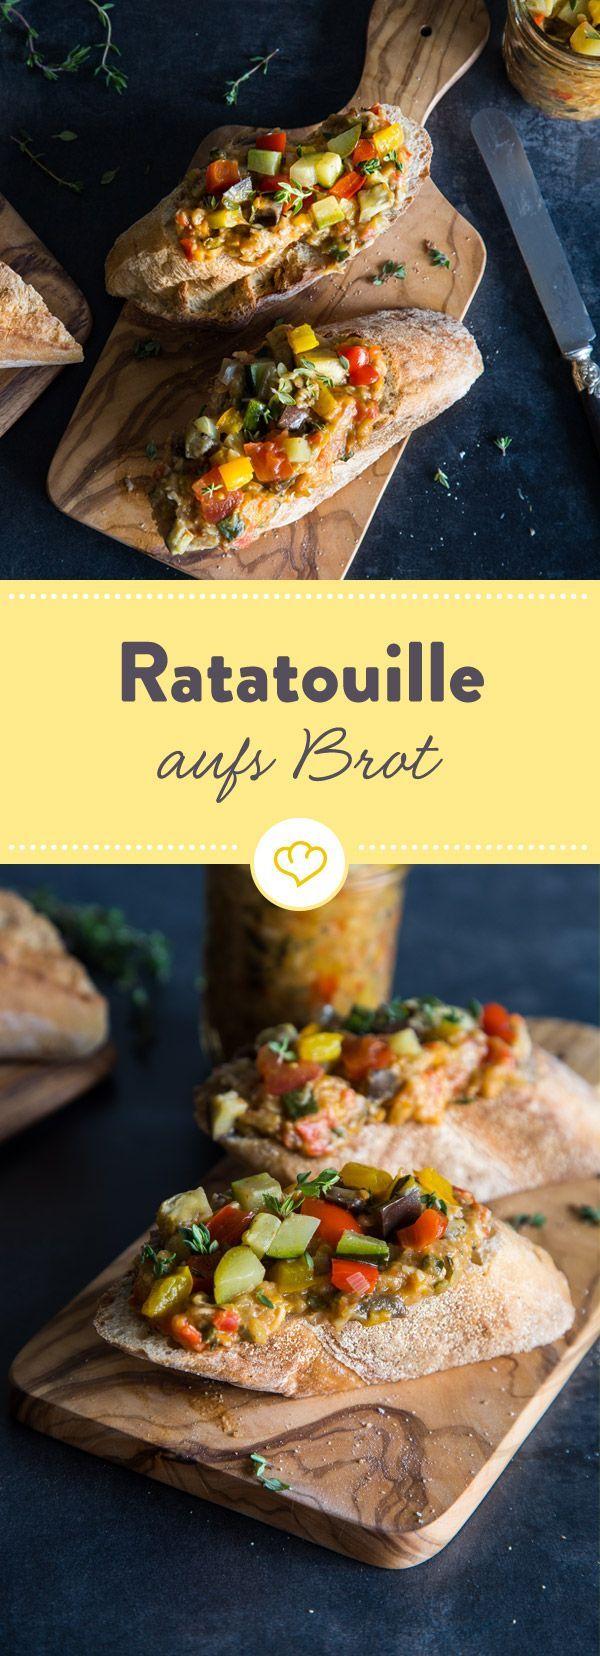 Auf die Stulle, mit Pasta gemixt oder einfach pur zum Löffeln - hier gibt es Ratatouille als cremigen Aufstrich, den du vielseitig nutzen kannst.